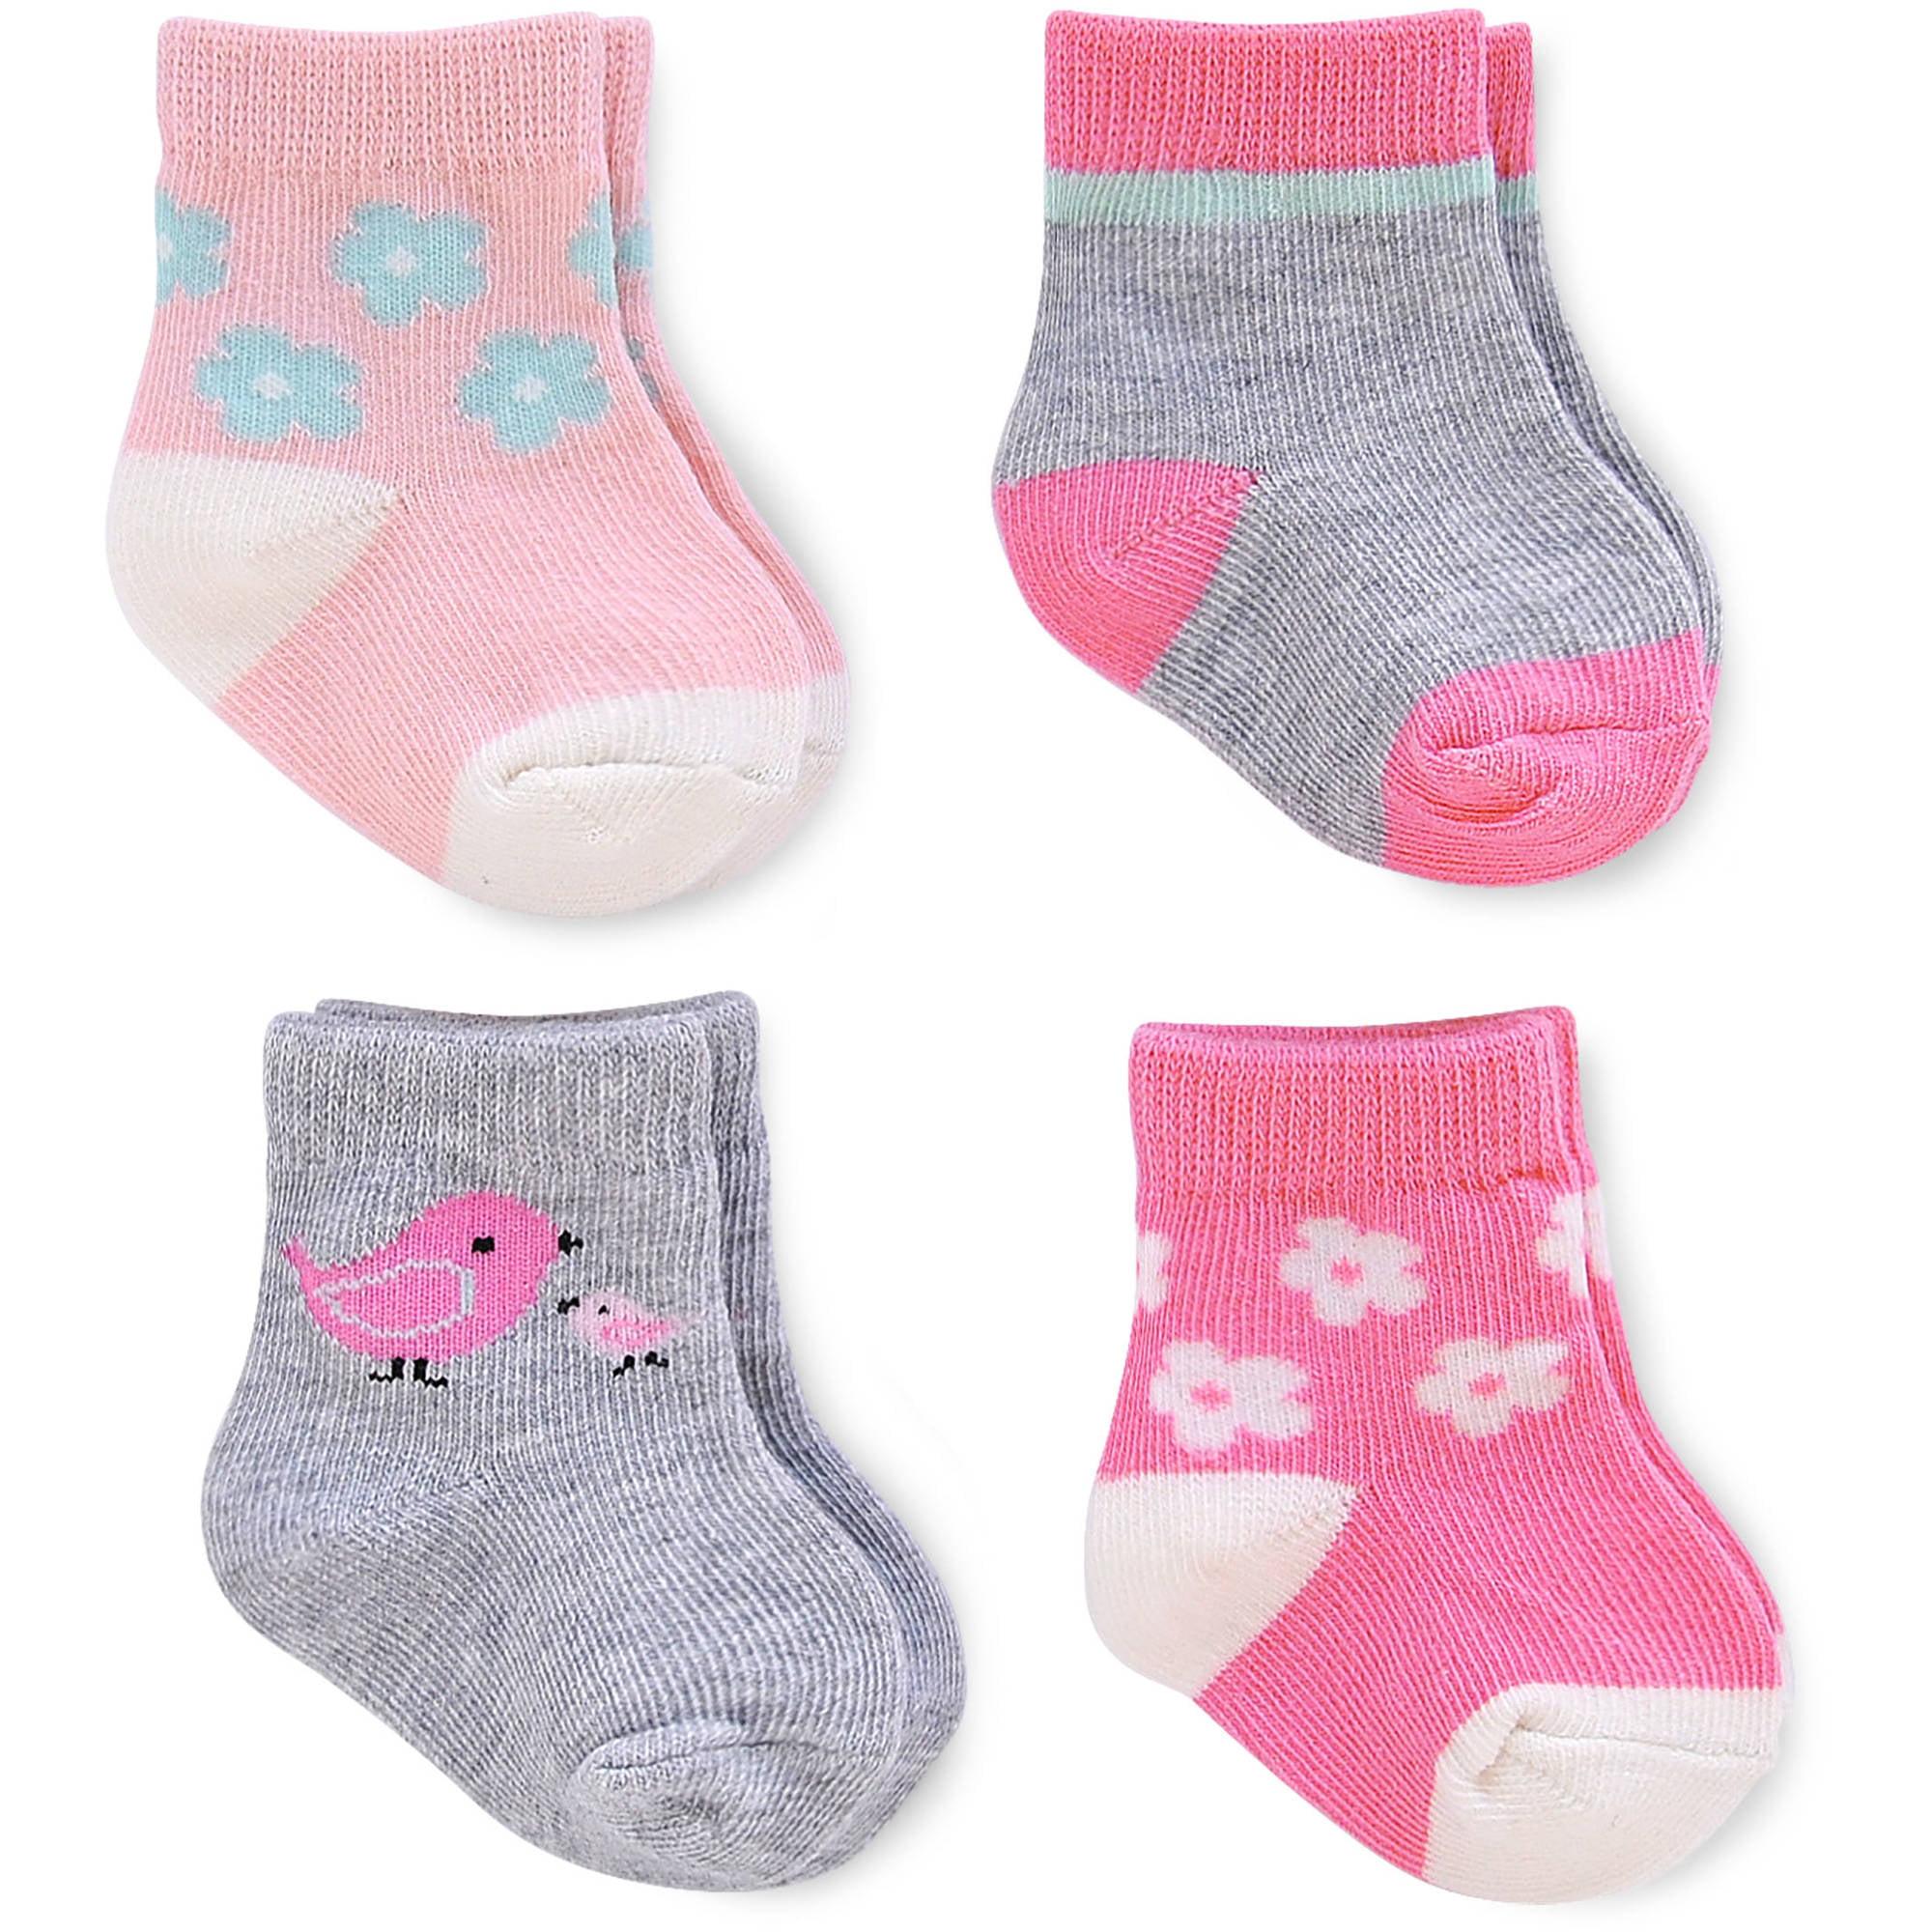 4 Pack Child of Mine Newborn Baby Girl Socks